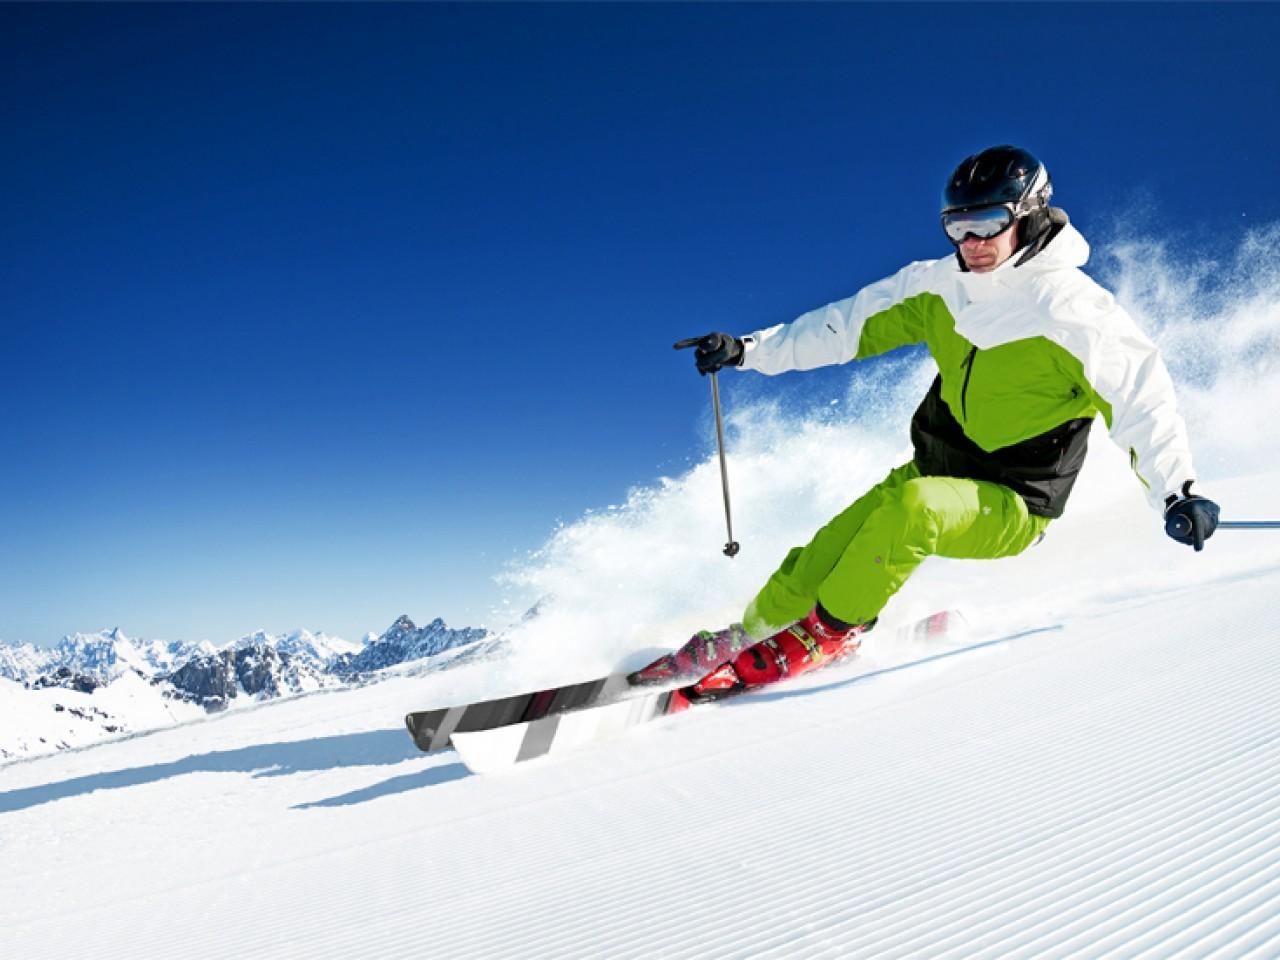 Quel sport d'hiver es-tu ?